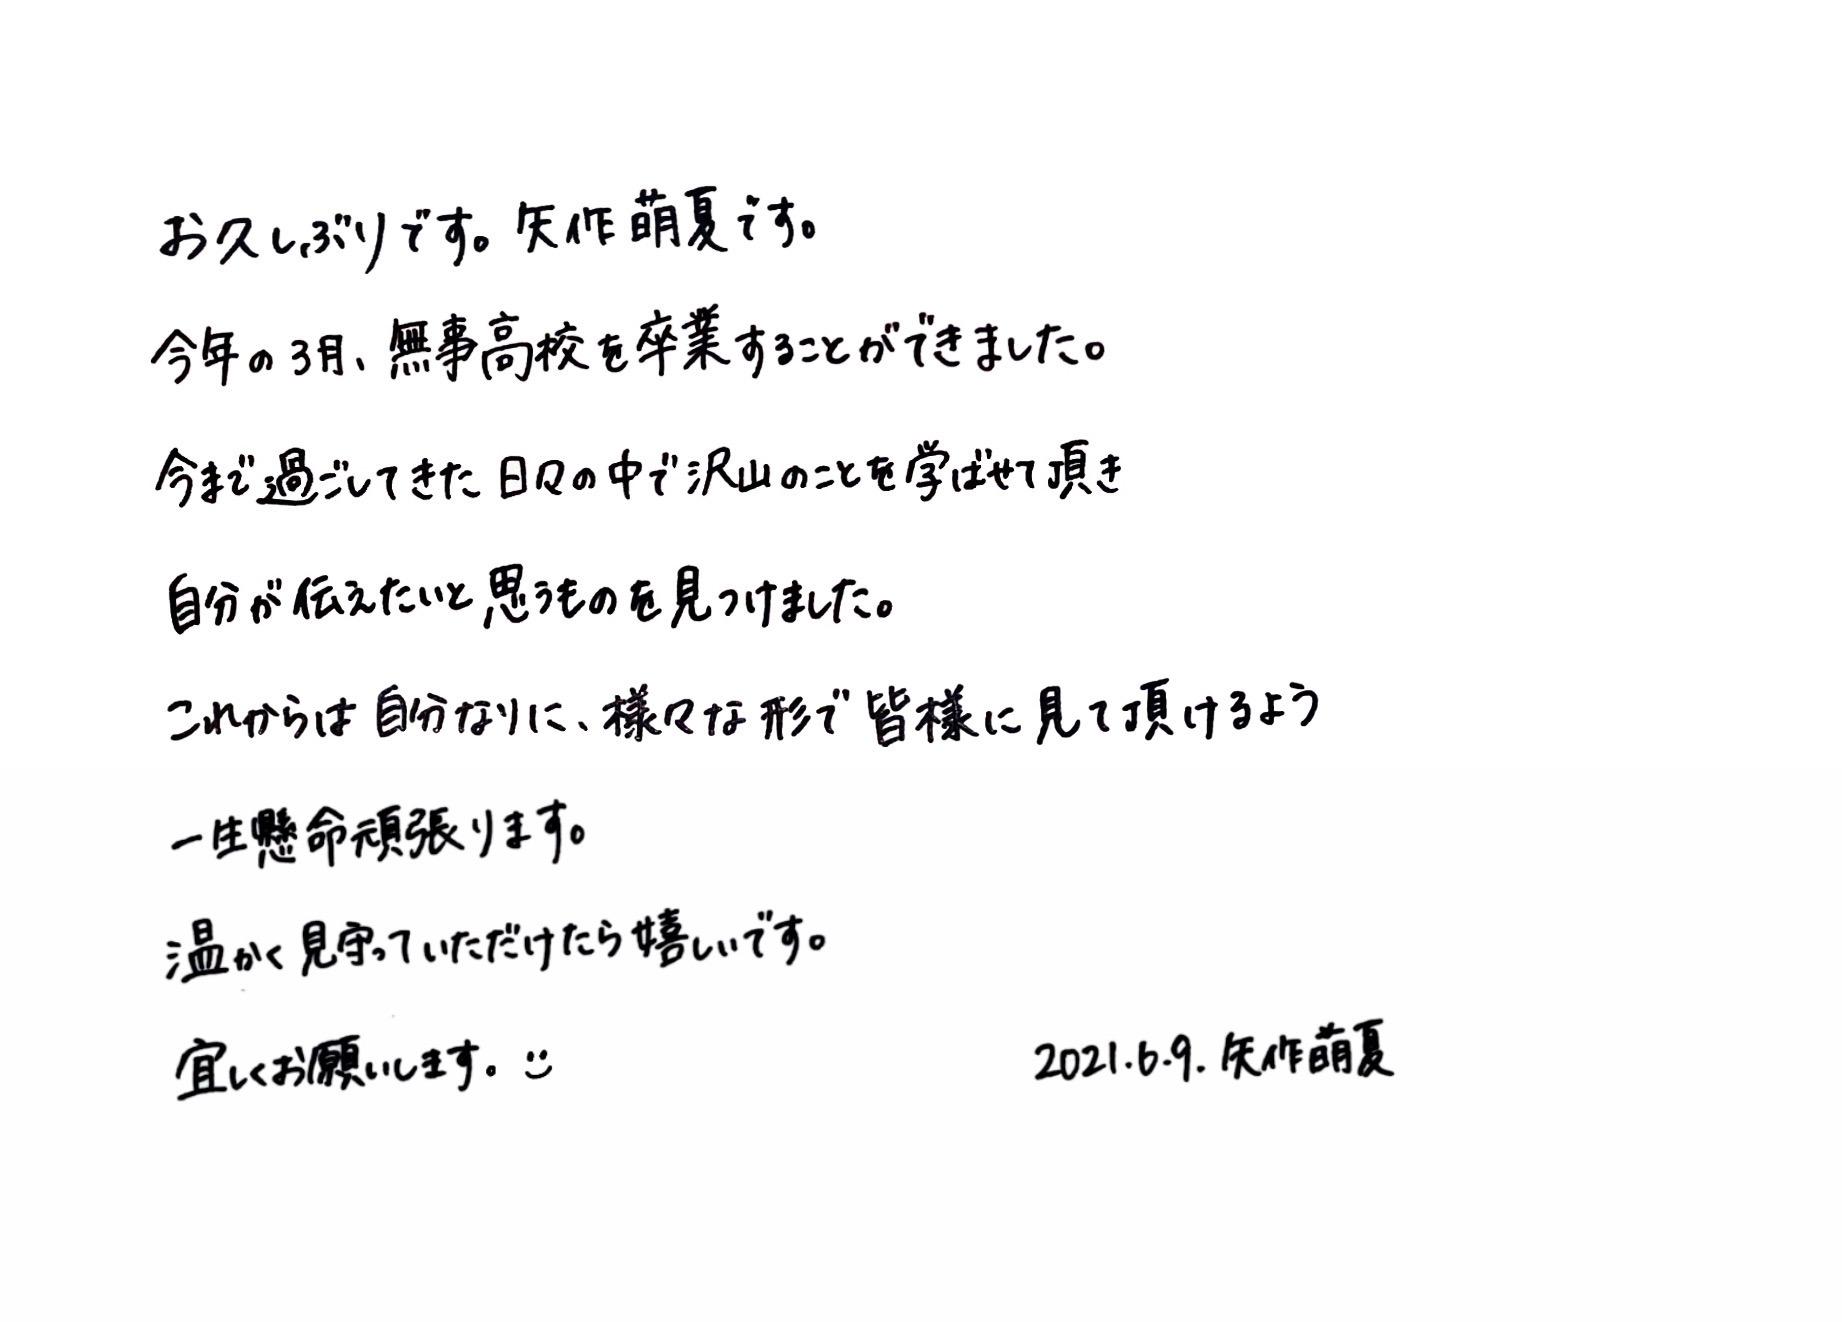 【速報】 矢作萌夏より 重大発表 キタ━━━(゚∀゚)━━━━!!